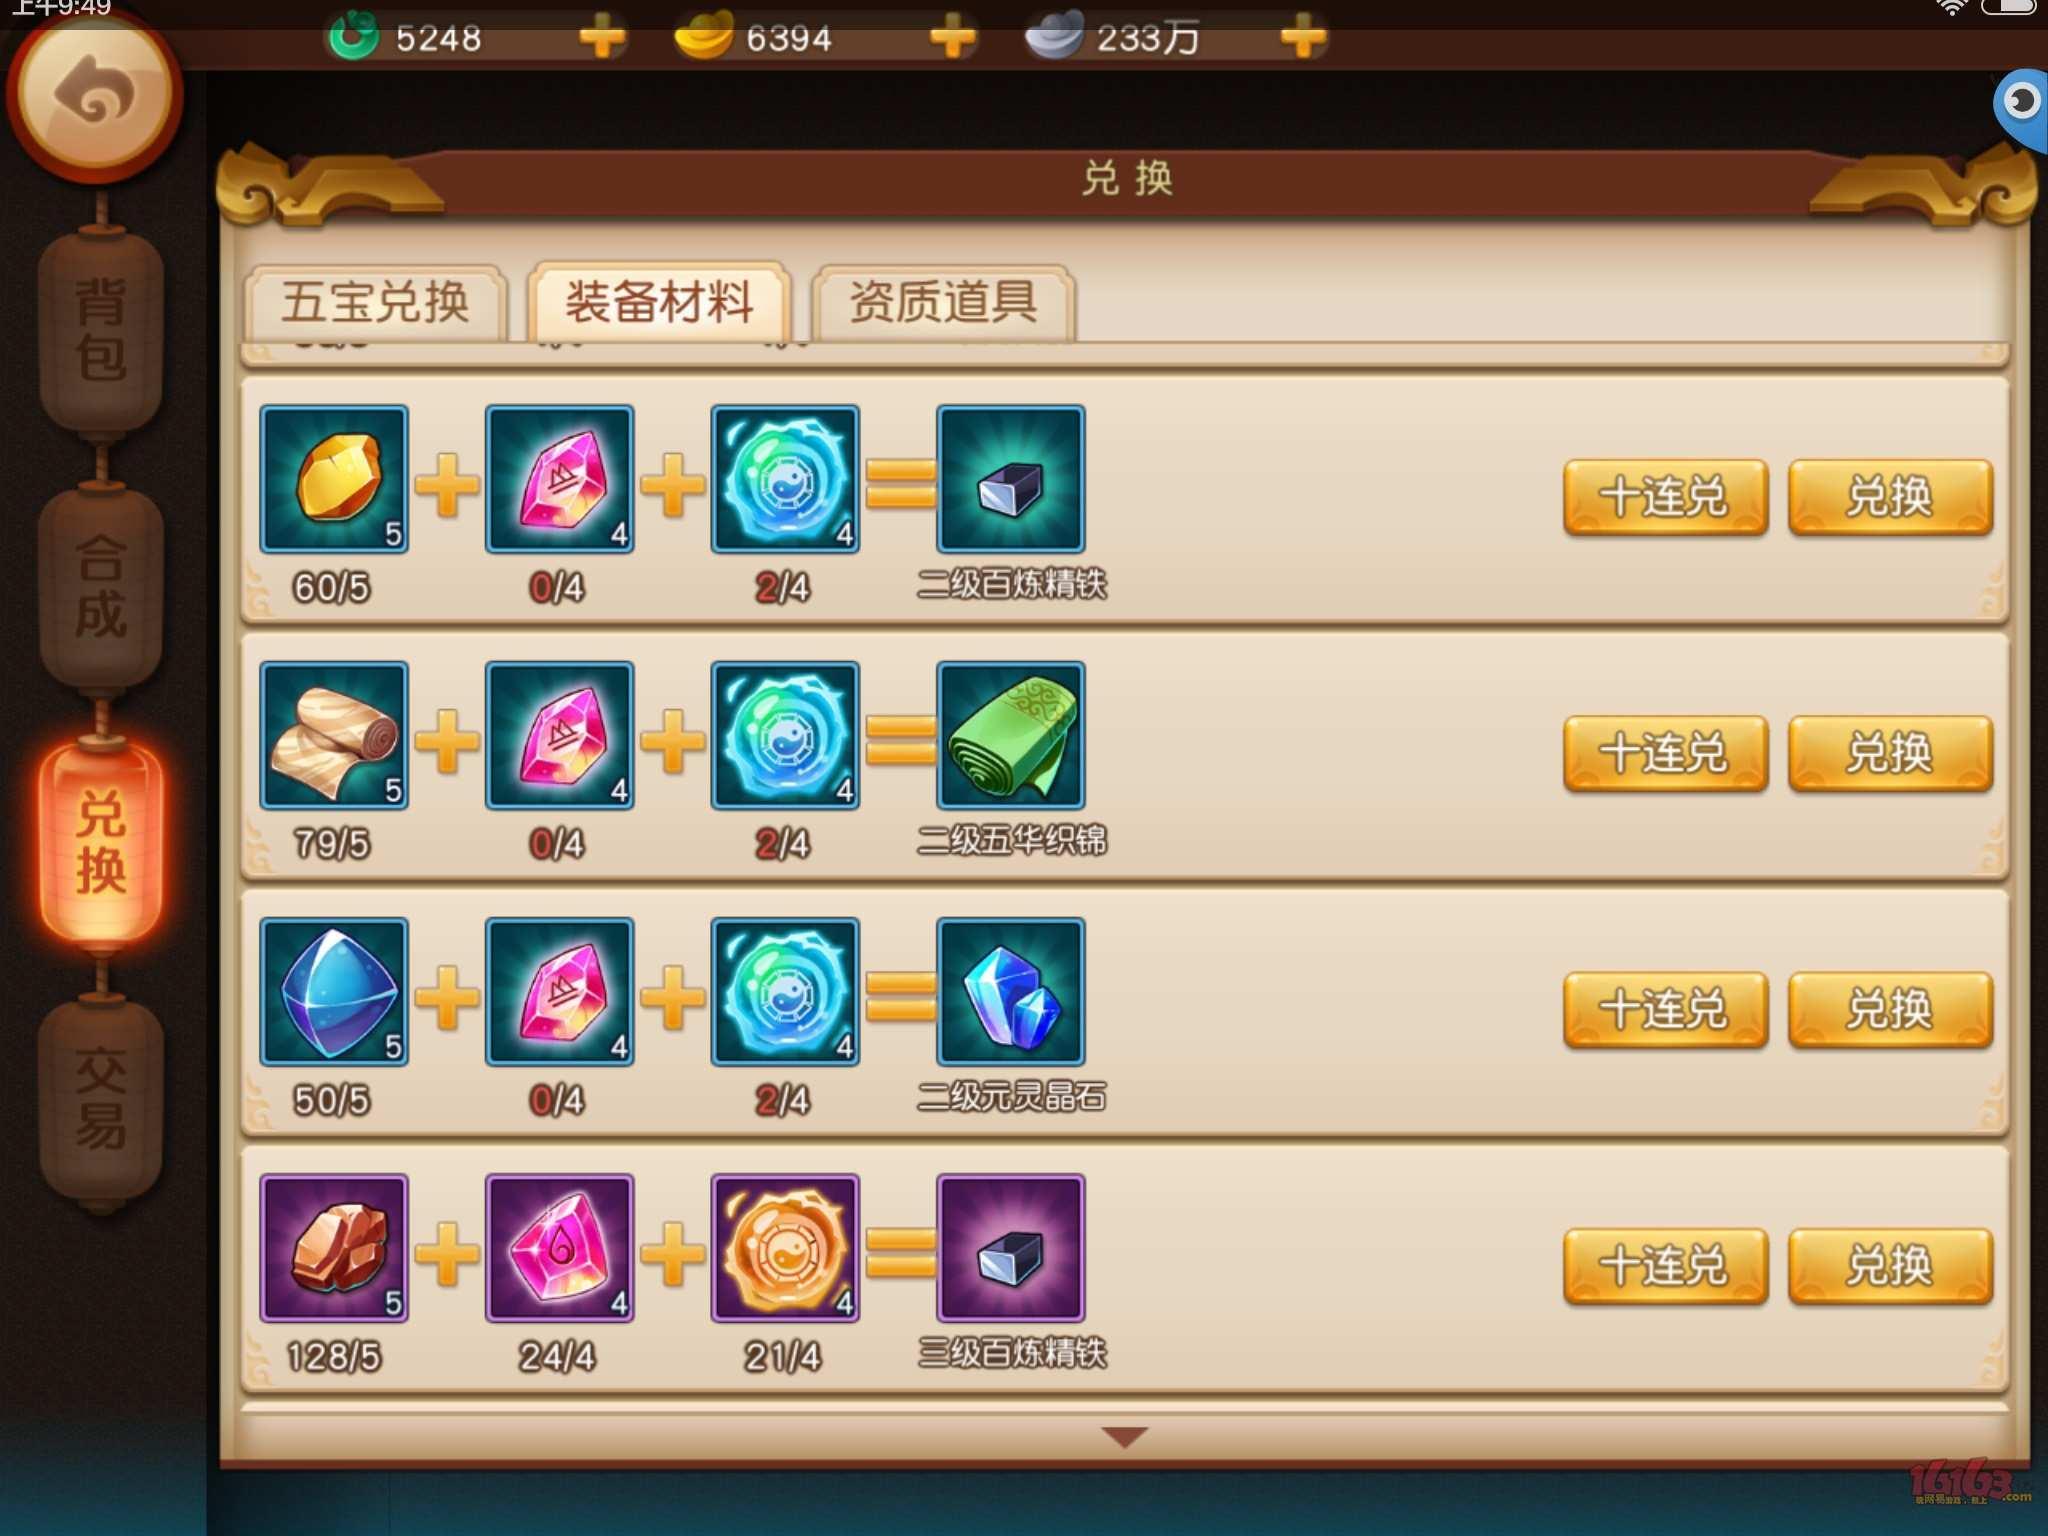 梦幻西游无双版游戏攻略 360游戏大厅